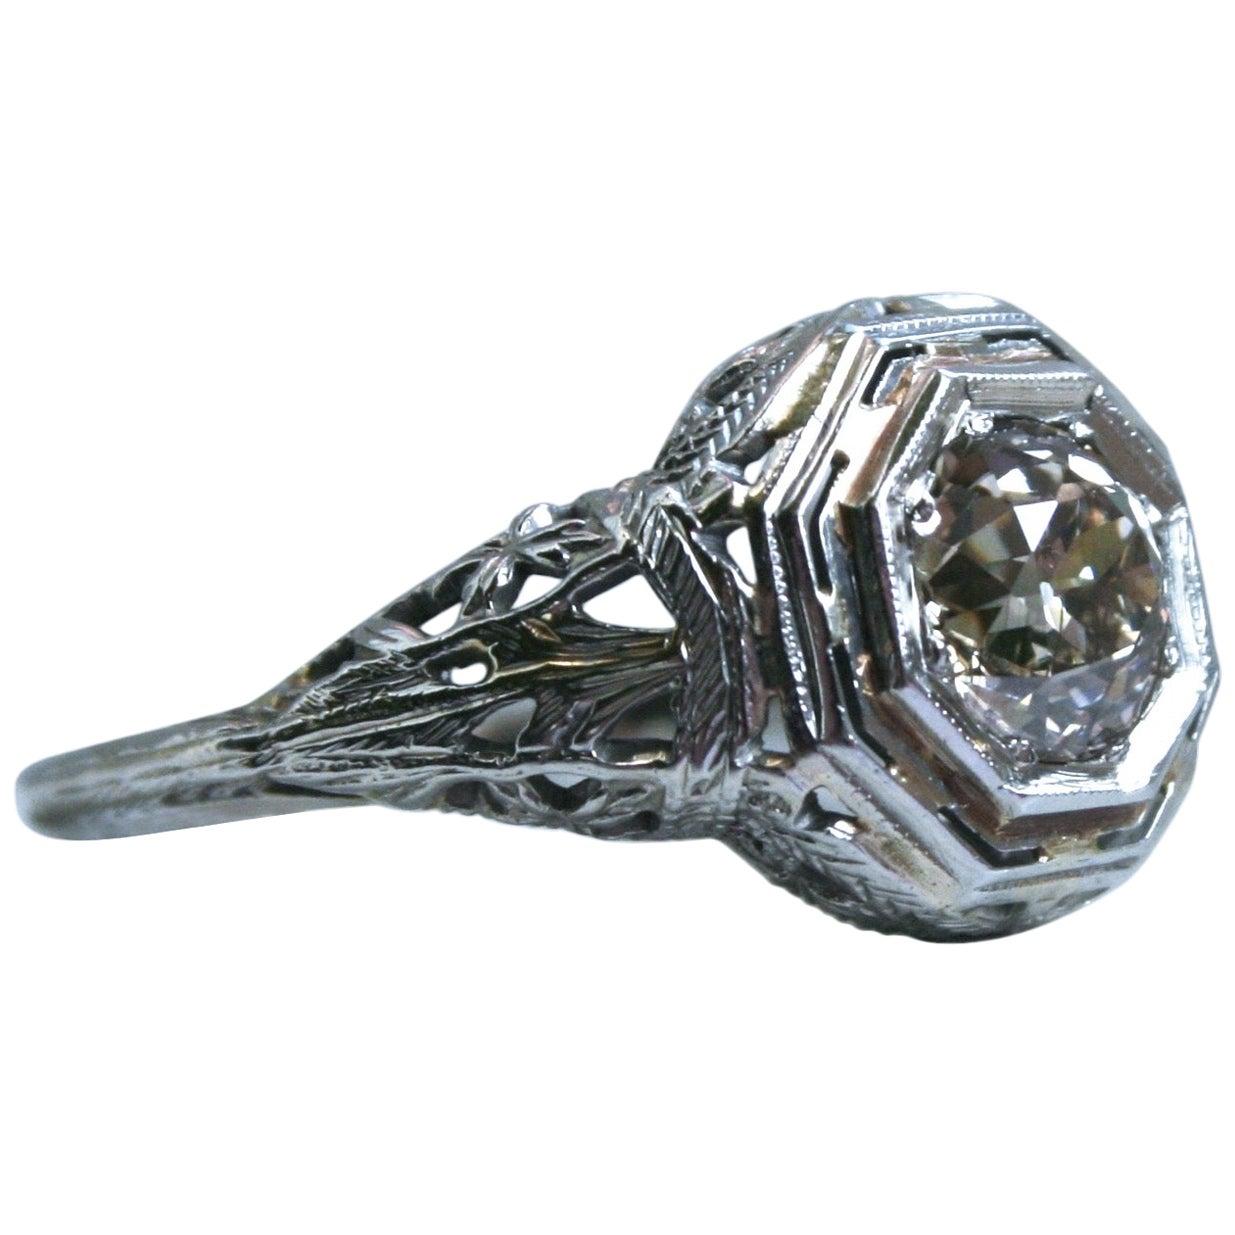 Vintage 18 Karat White Gold Diamond Engagement Ring, 1.25 Carat